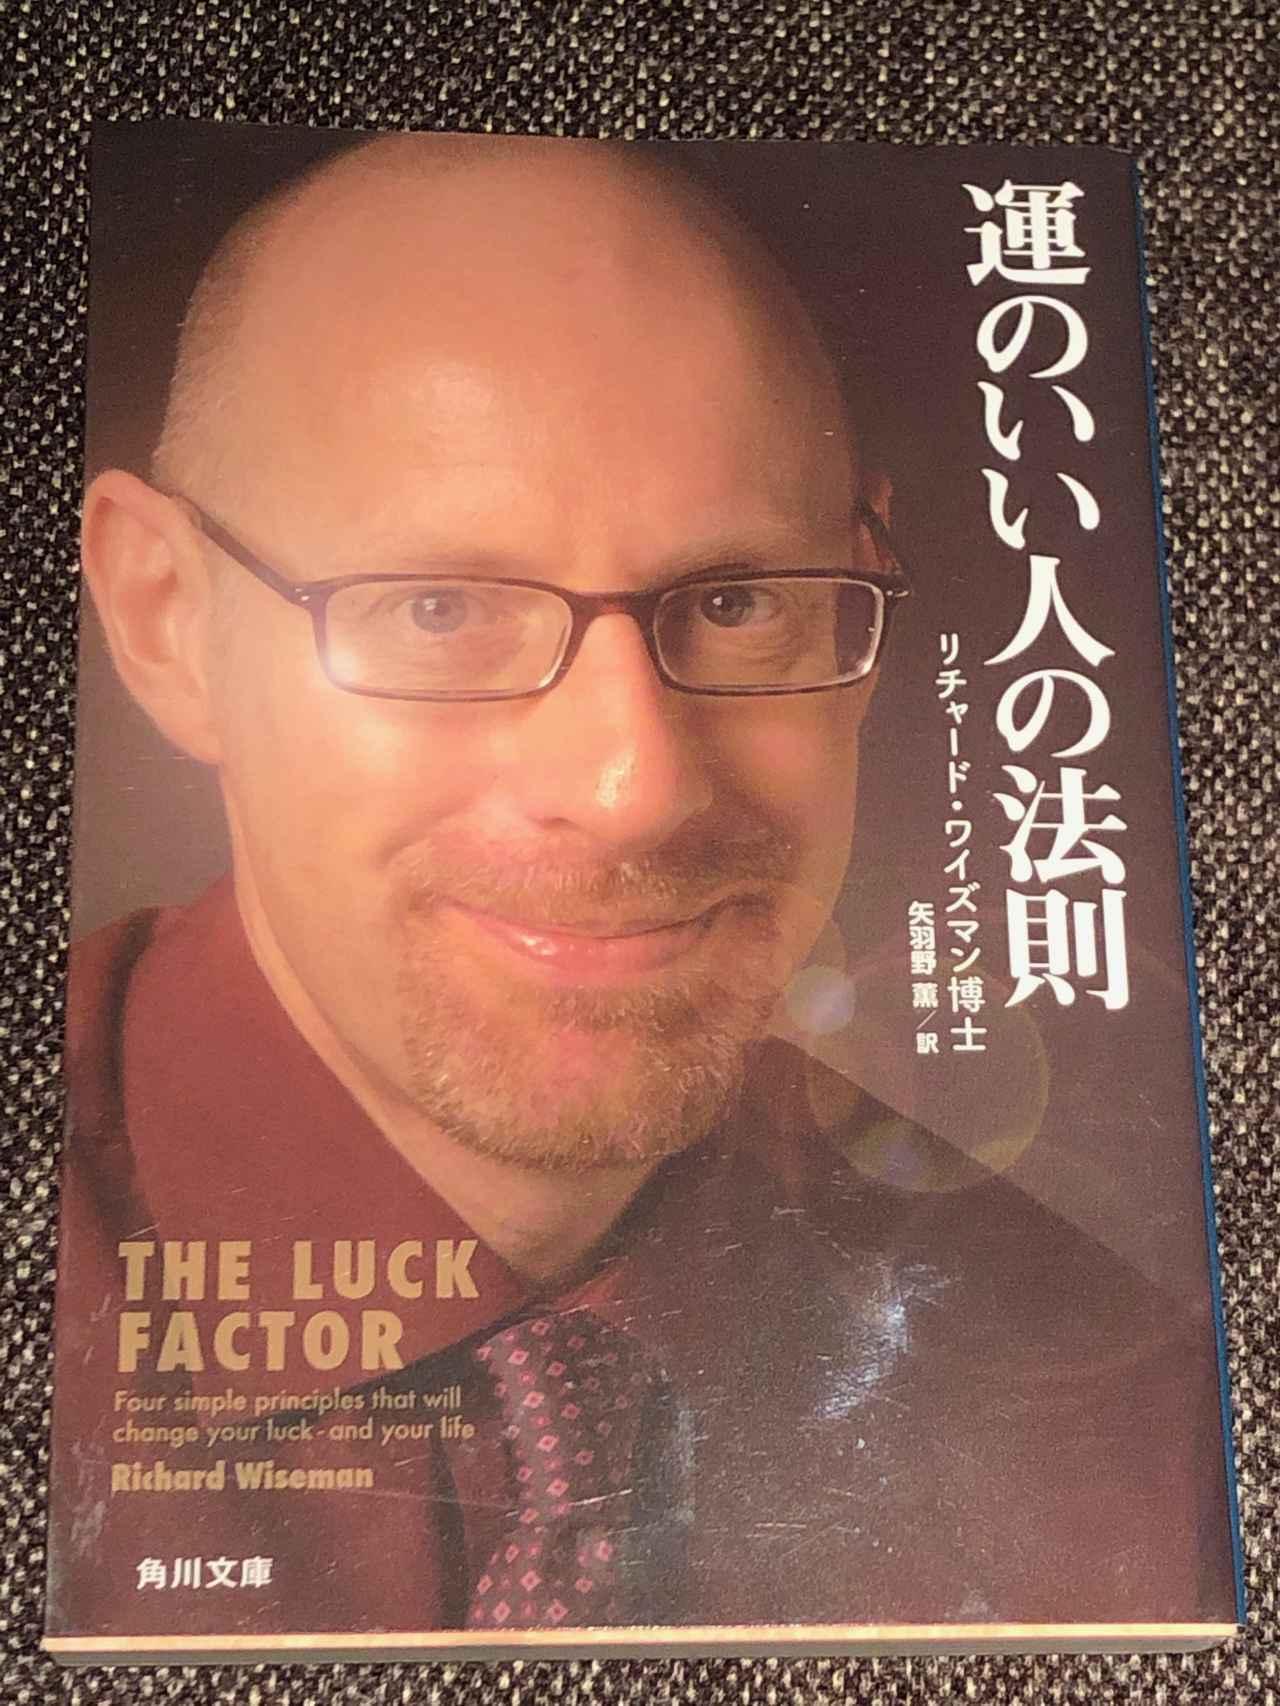 画像: 「運のいい人の法則」リチャード・ワイズマン著 角川文庫